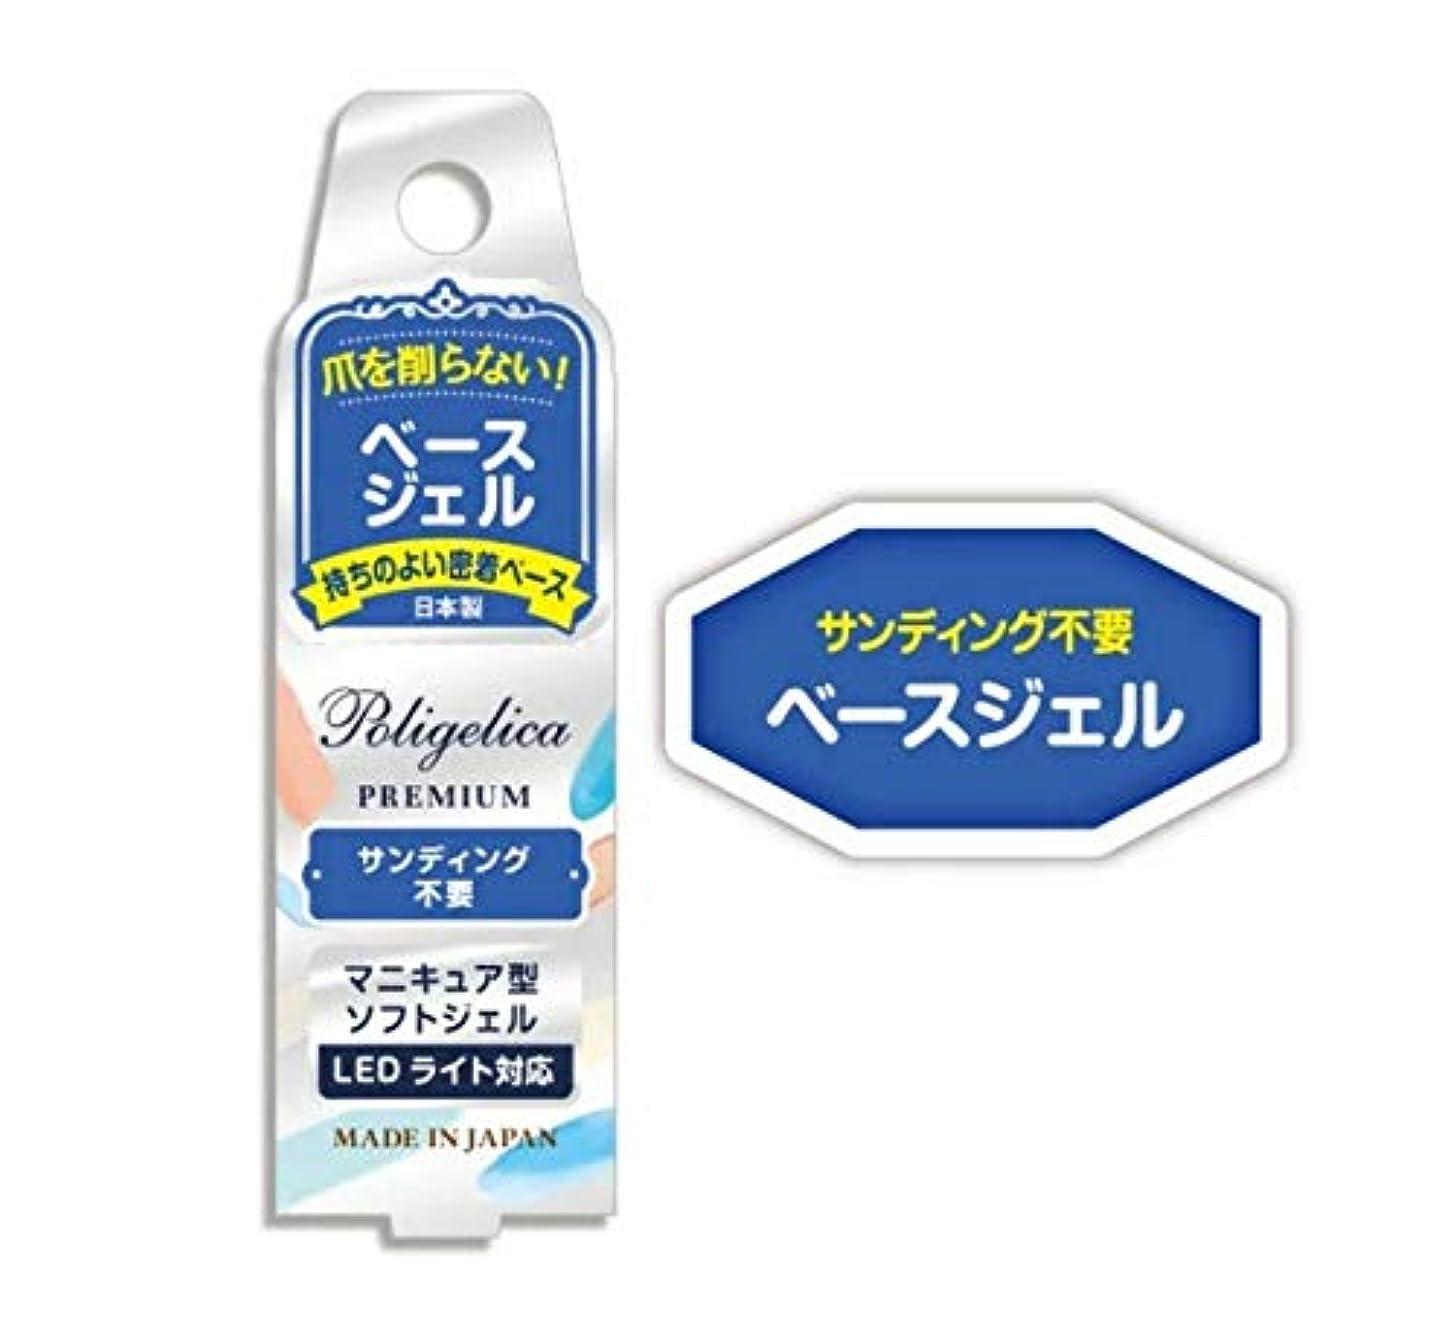 サーバントある週末BWポリジェリカ プレミアムベースジェル 6g APGB1001 日本製 ソフト ジェル ネイル サンディング不要 爪 密着 マニキュア型